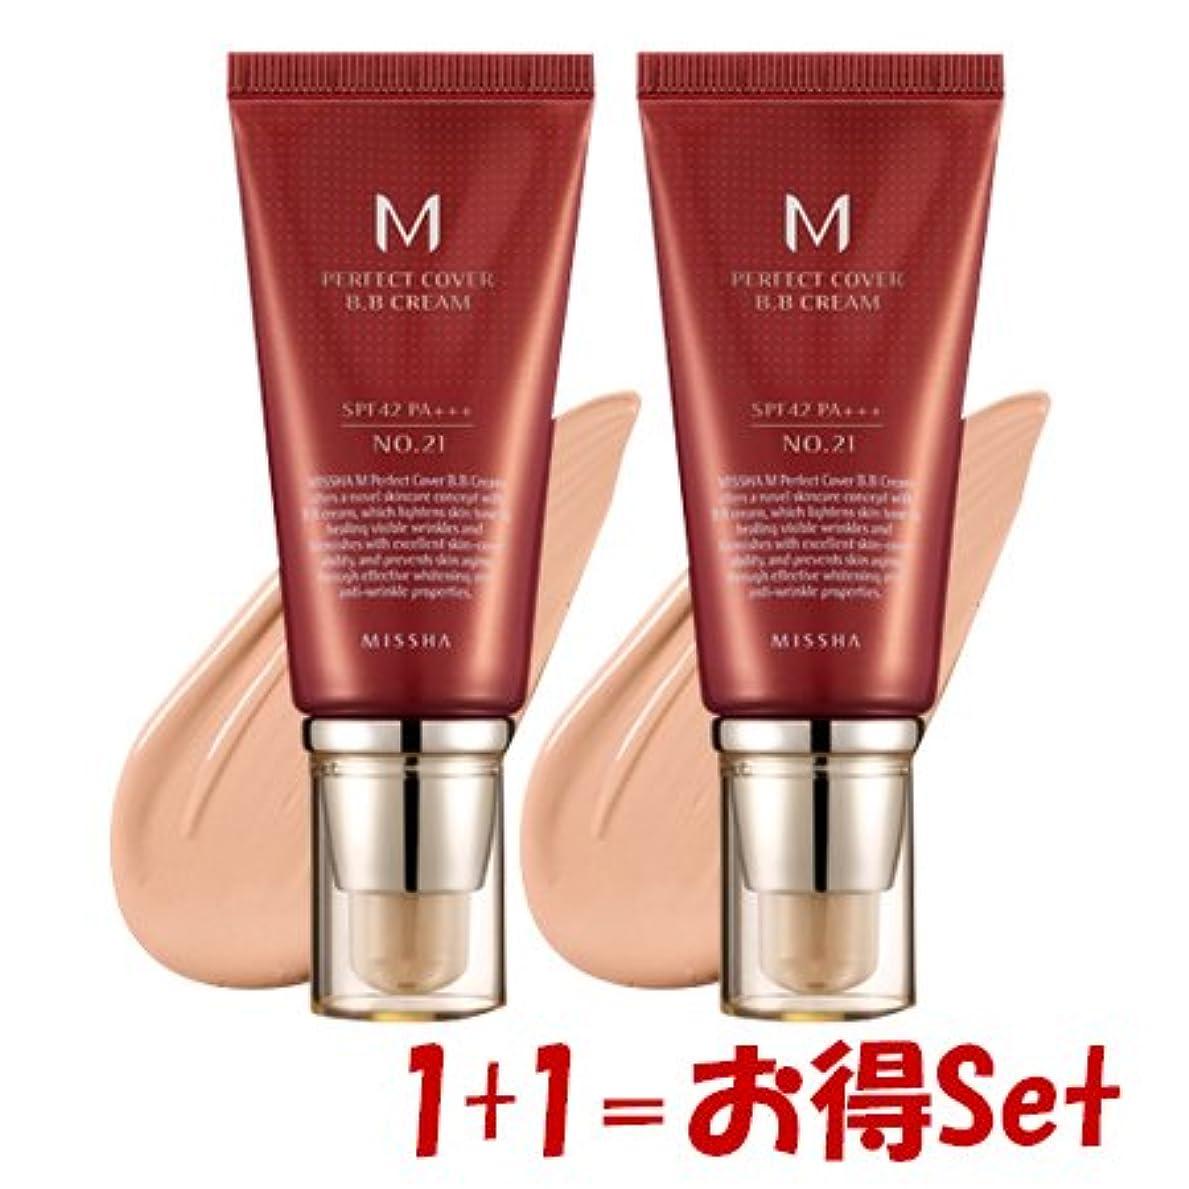 勝つ宇宙の左MISSHA(ミシャ) M Perfect Cover パーフェクトカバーBBクリーム 21号+ 21号(1+1=Set) [並行輸入品]